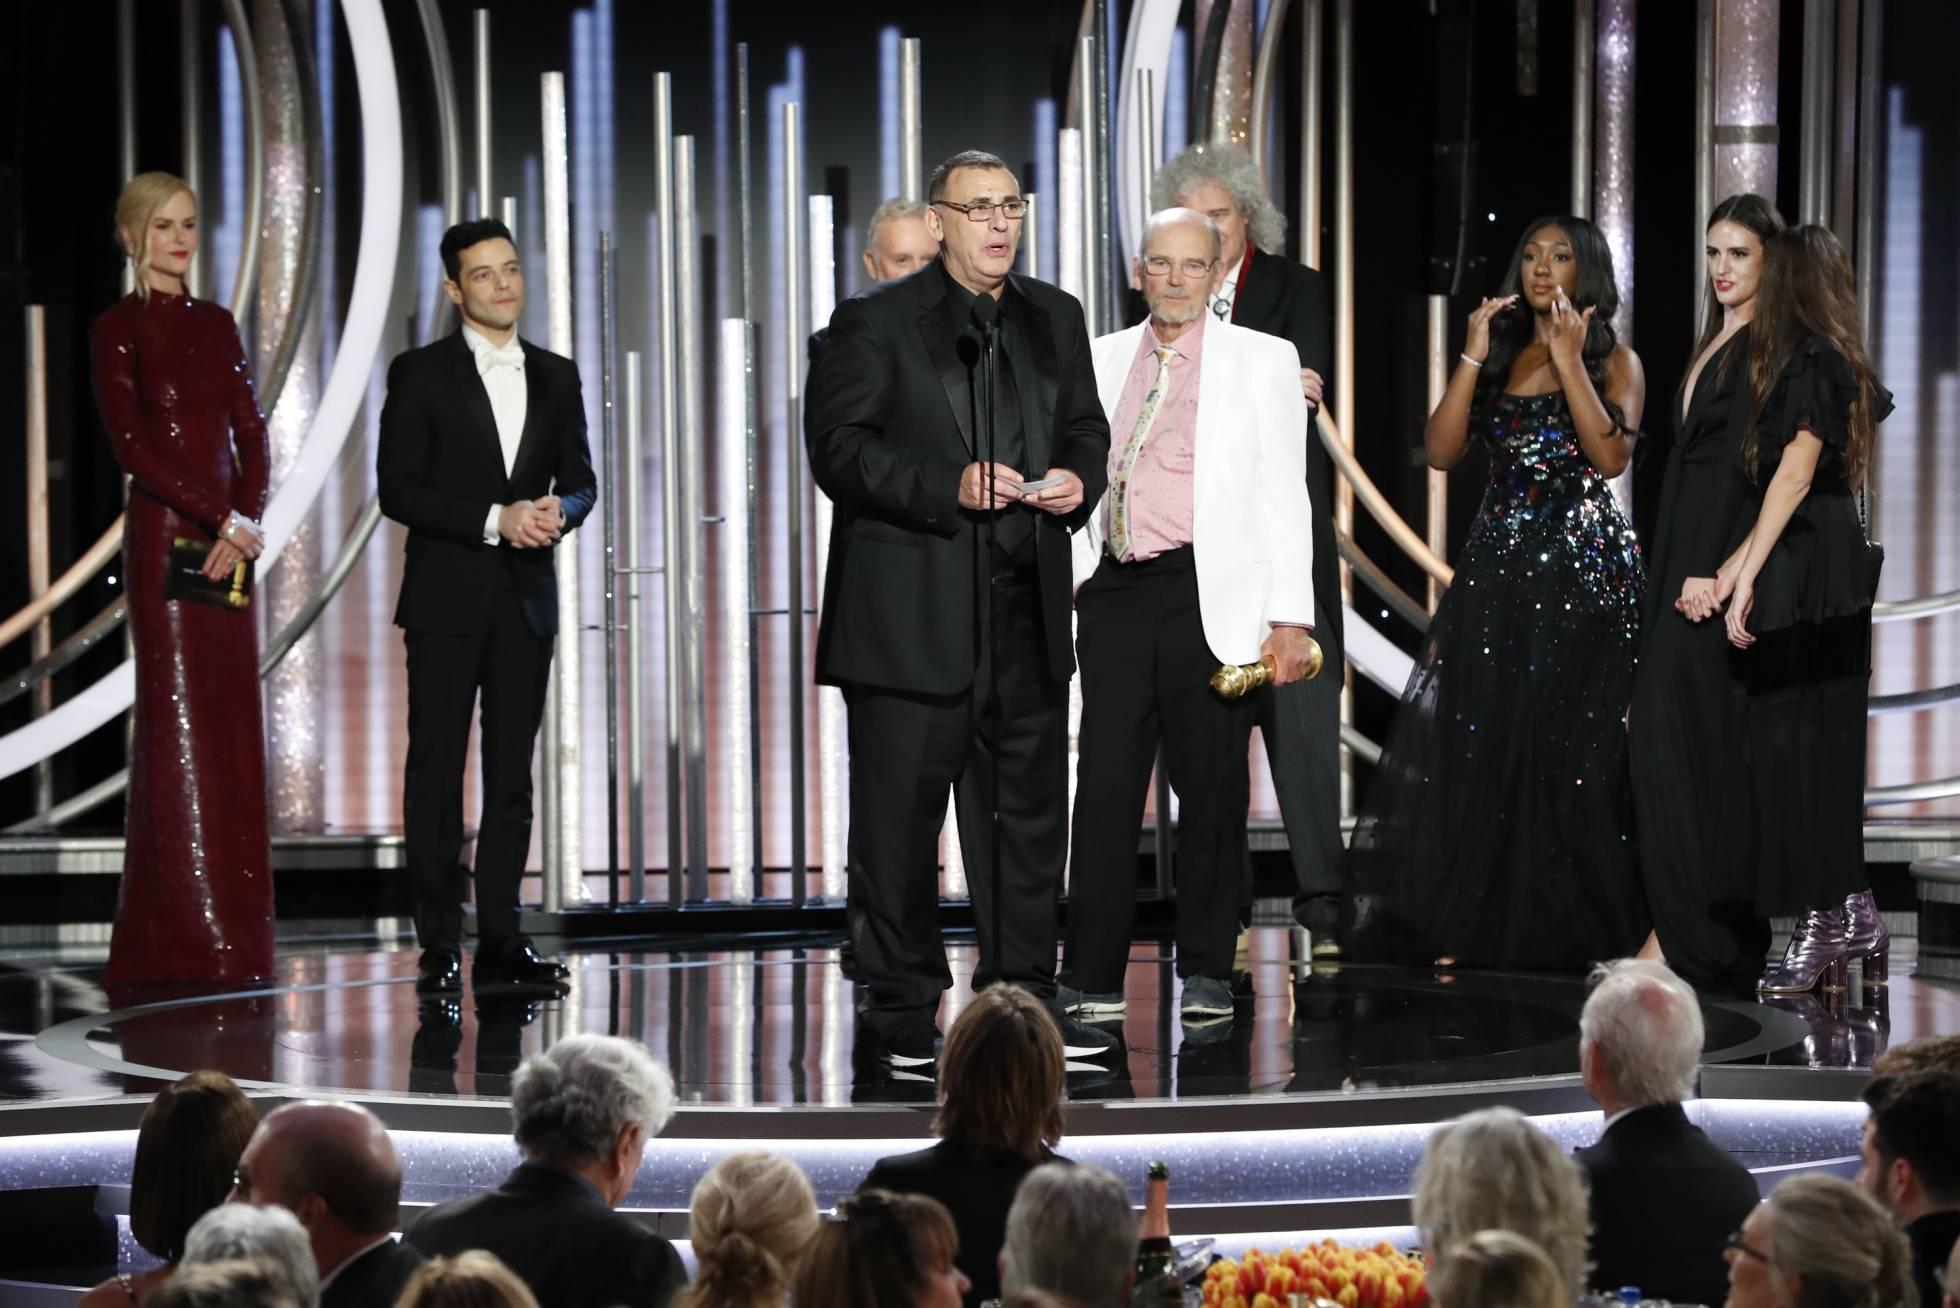 Parte del equipo de Bohemian Rhapsody (junto al grupo Queen) recogen el Globo de Oro a mejor película dramática sin Bryan Singer. Getty Images